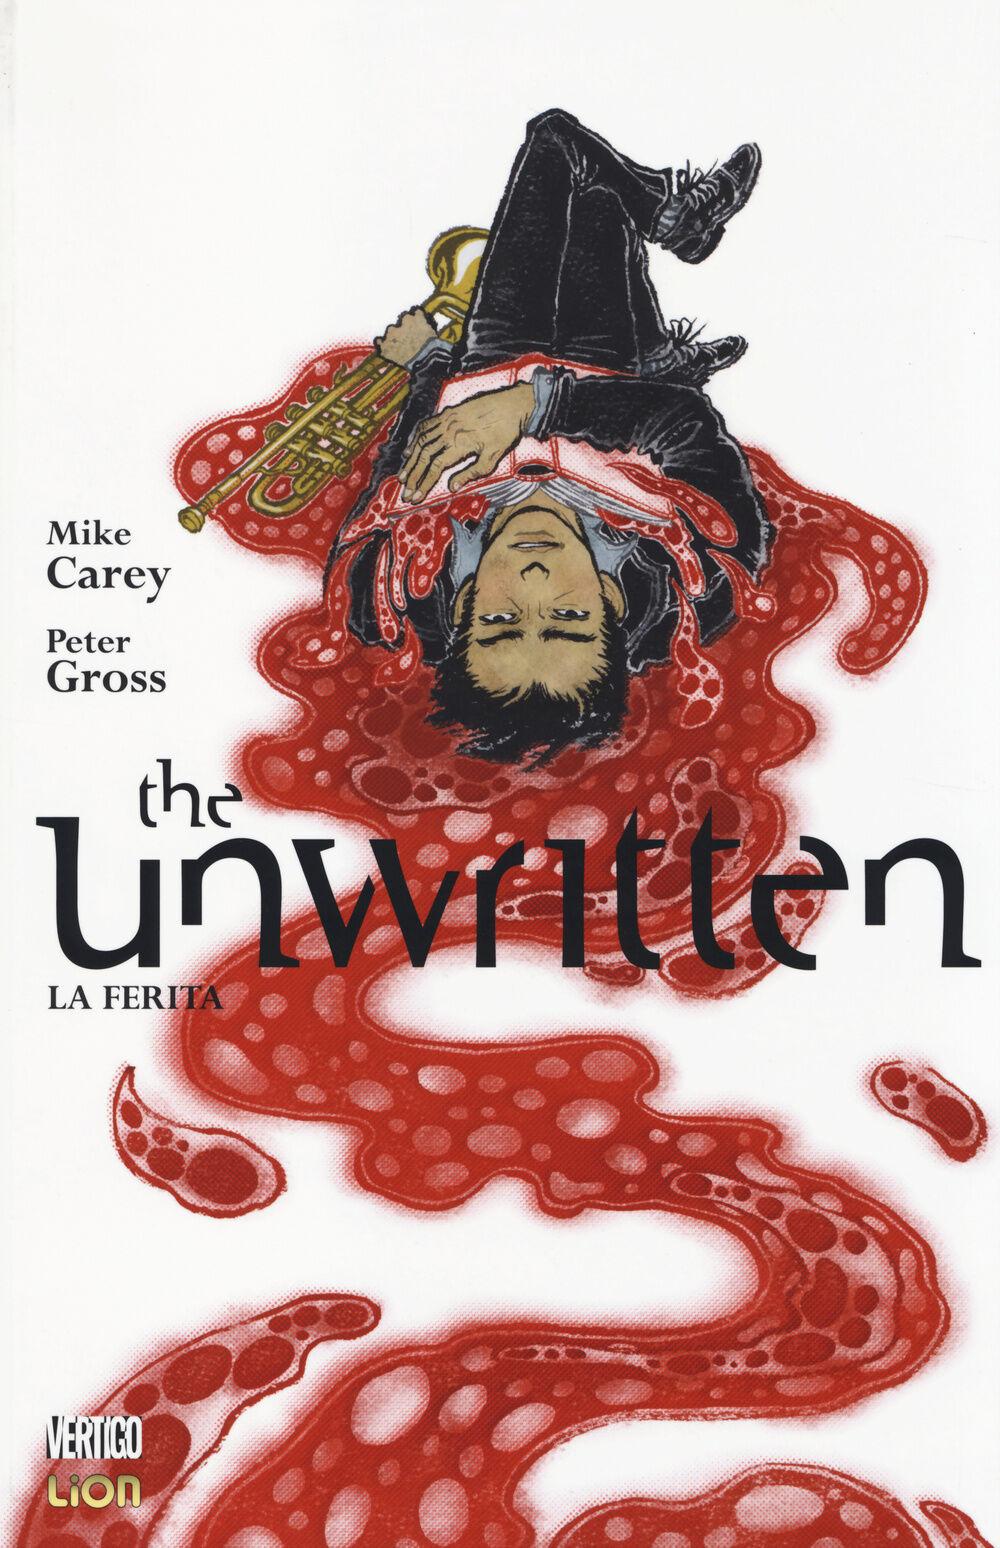 La ferita. The unwritten. Vol. 7